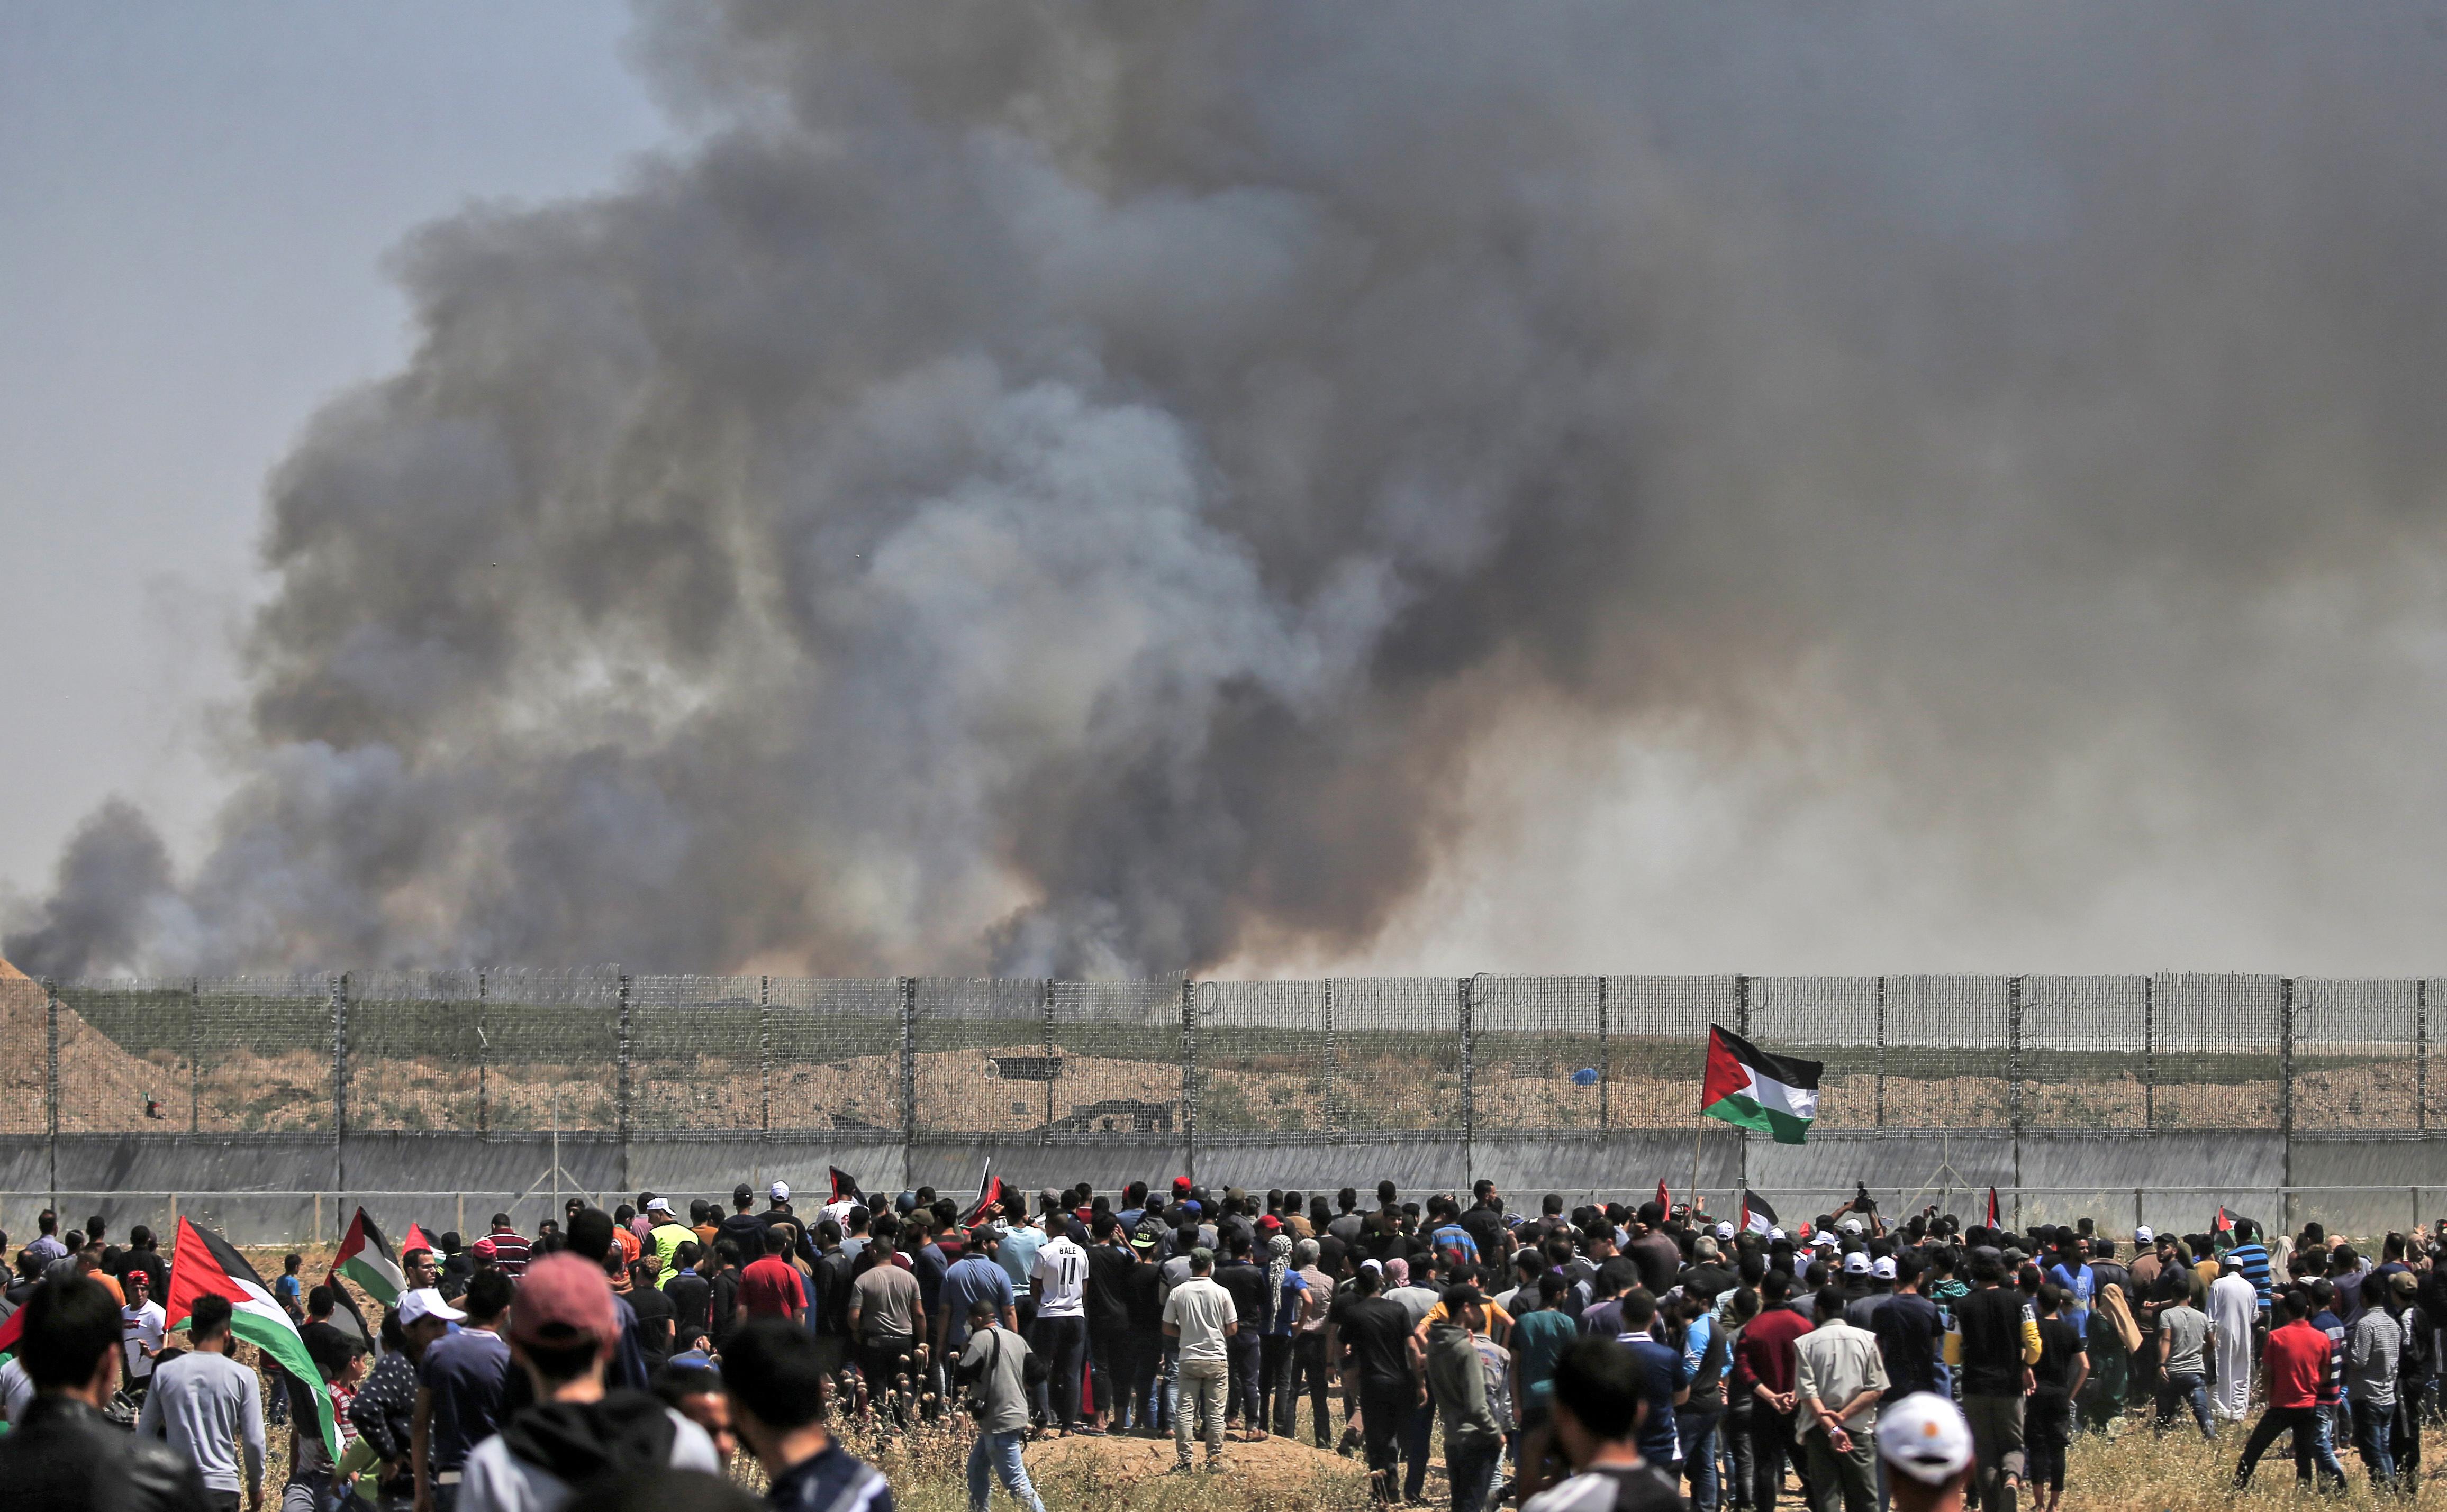 Legalább 65 palesztin tüntető sérült meg az izraeli erőkkel való összecsapásokban a Gázai övezet és Izrael határán